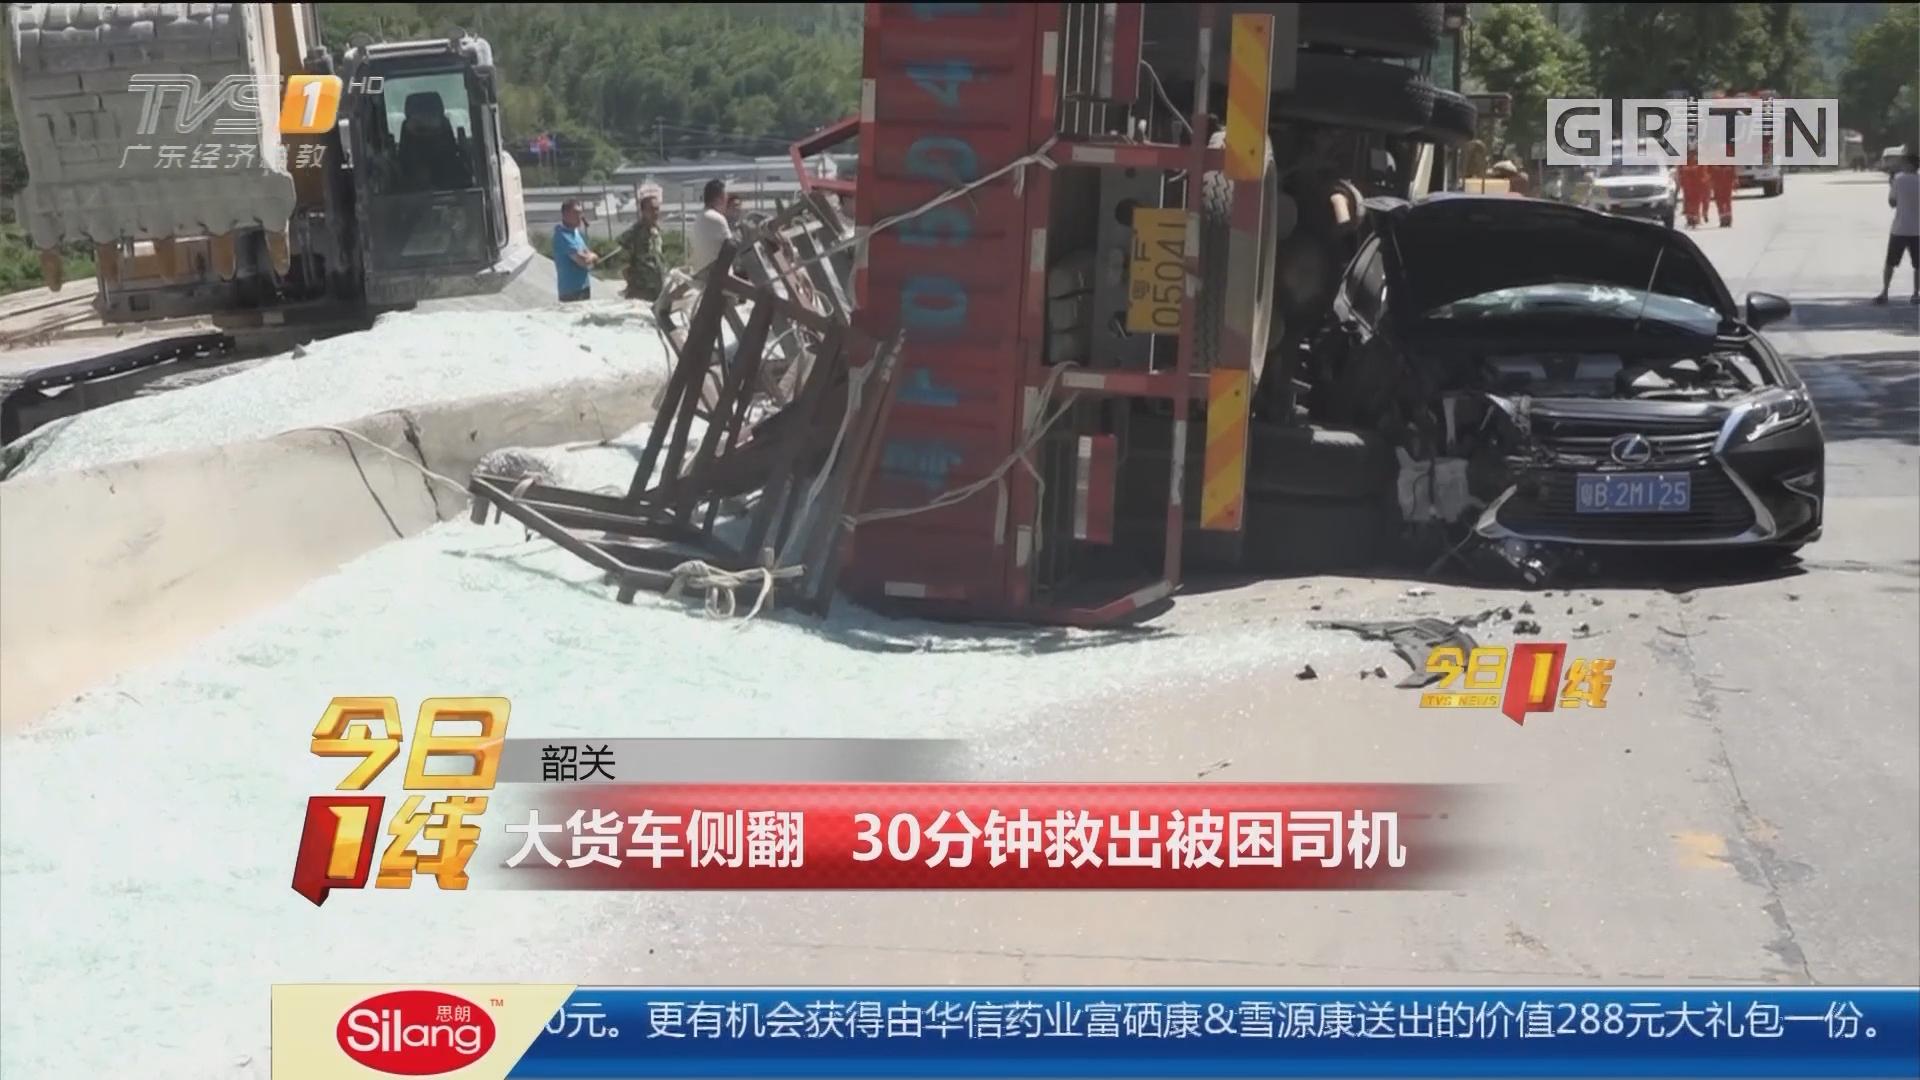 韶关:大货车侧翻 30分钟救出被困司机